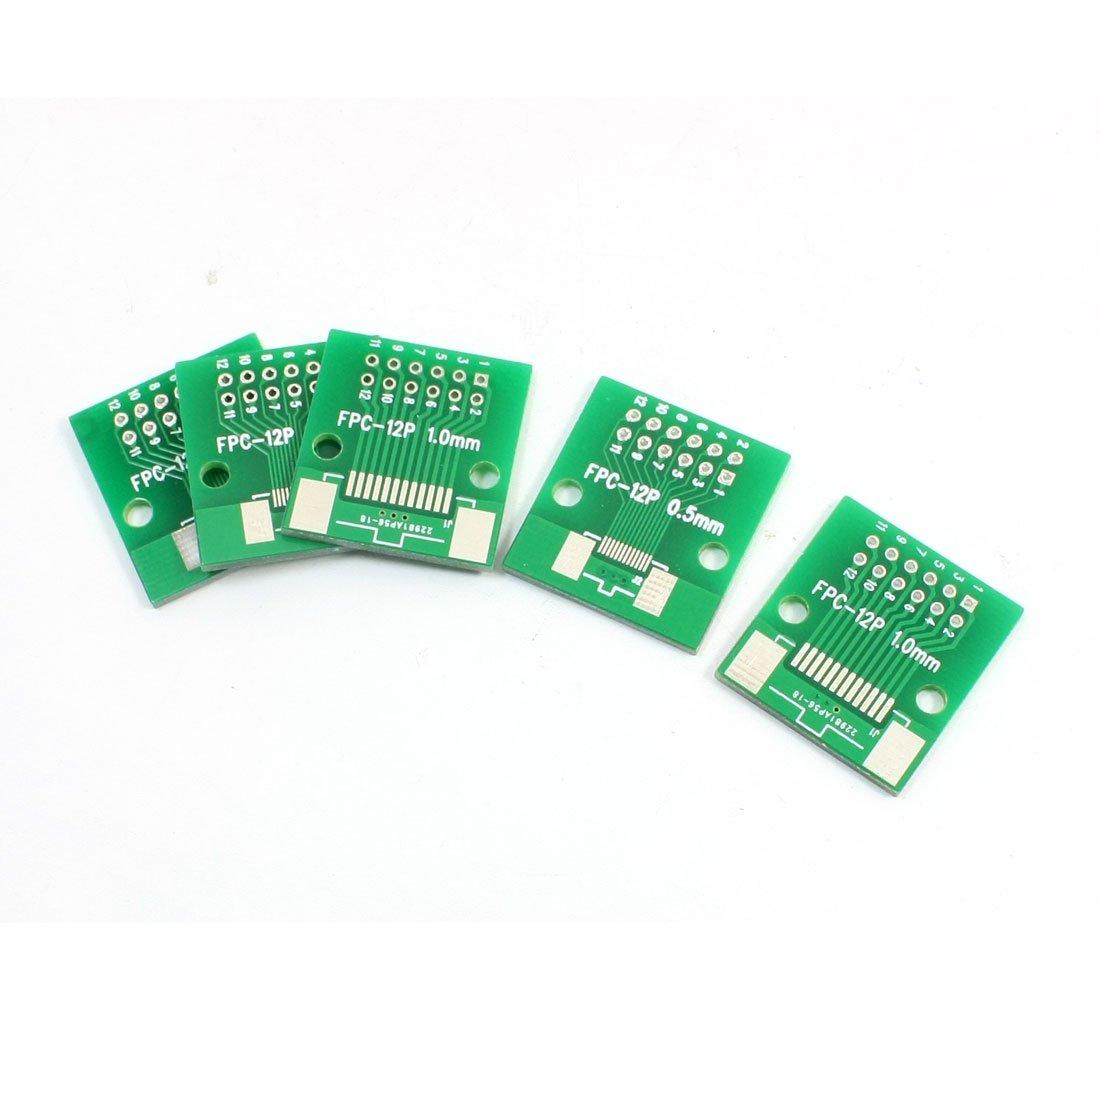 sourcingmap® 5 pcs SMD12 FPC 0.5mm à 1mm Plaque adaptateur PCB IC Carte convertisseur sourcing map